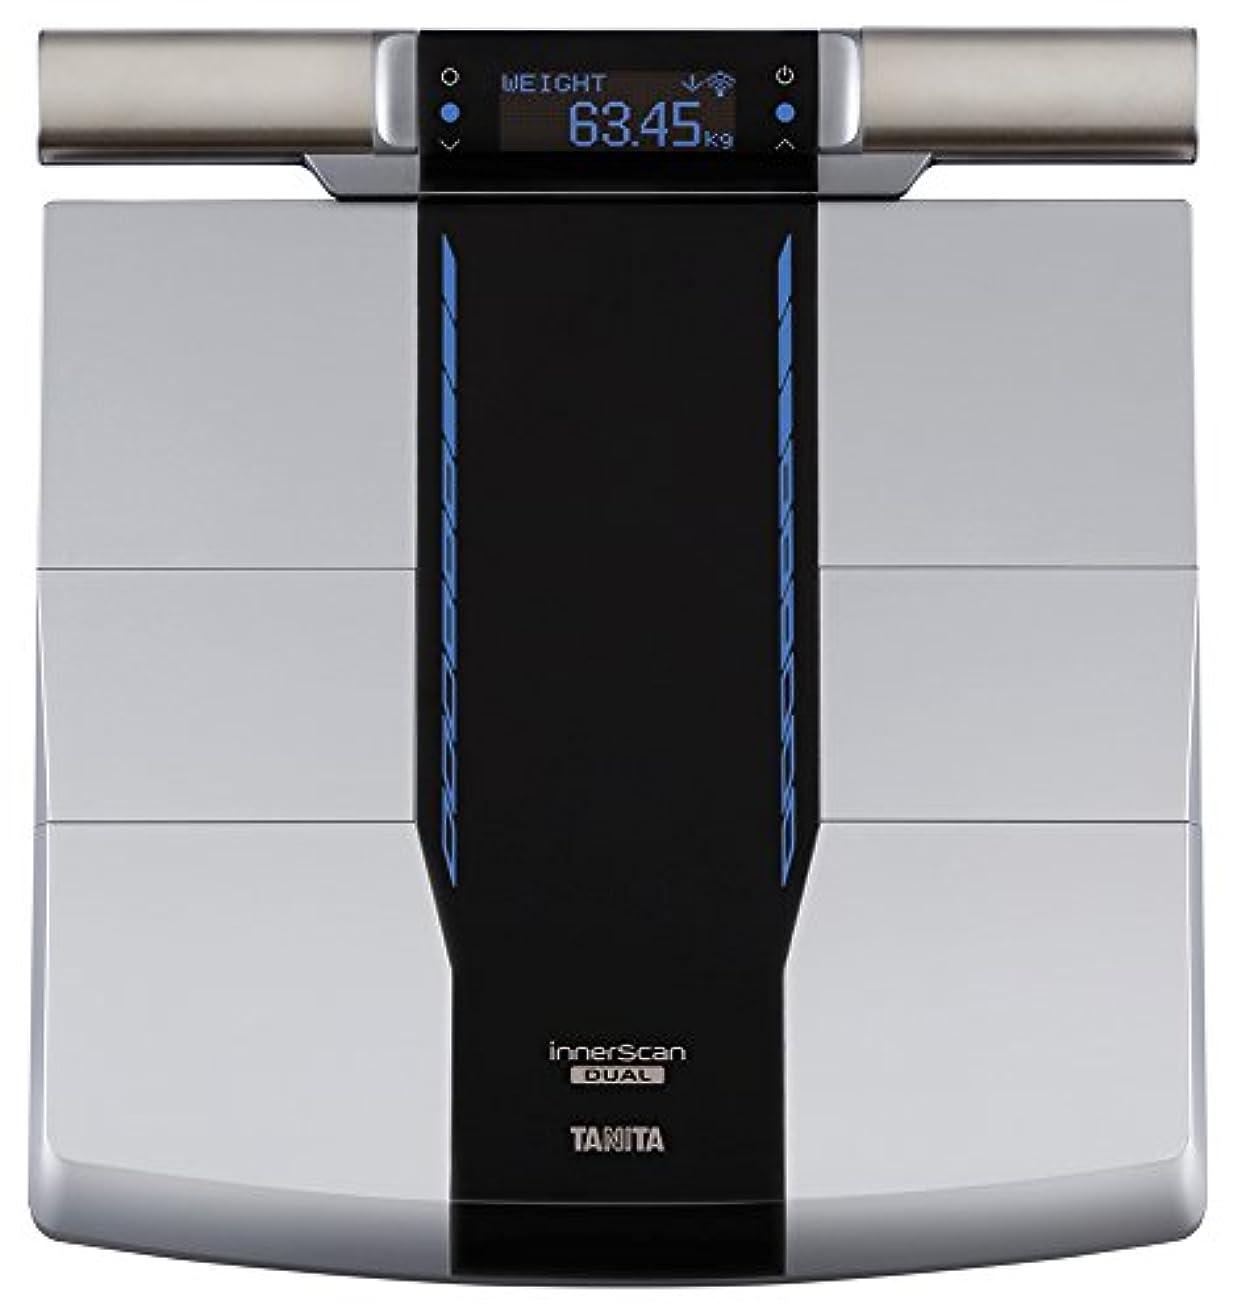 寛容な文電気技師タニタ 体組成計 部位別 日本製 RD-800-BK 筋肉の質が分かる 医療分野の技術搭載/スマホでデータ管理 インナースキャンデュアル